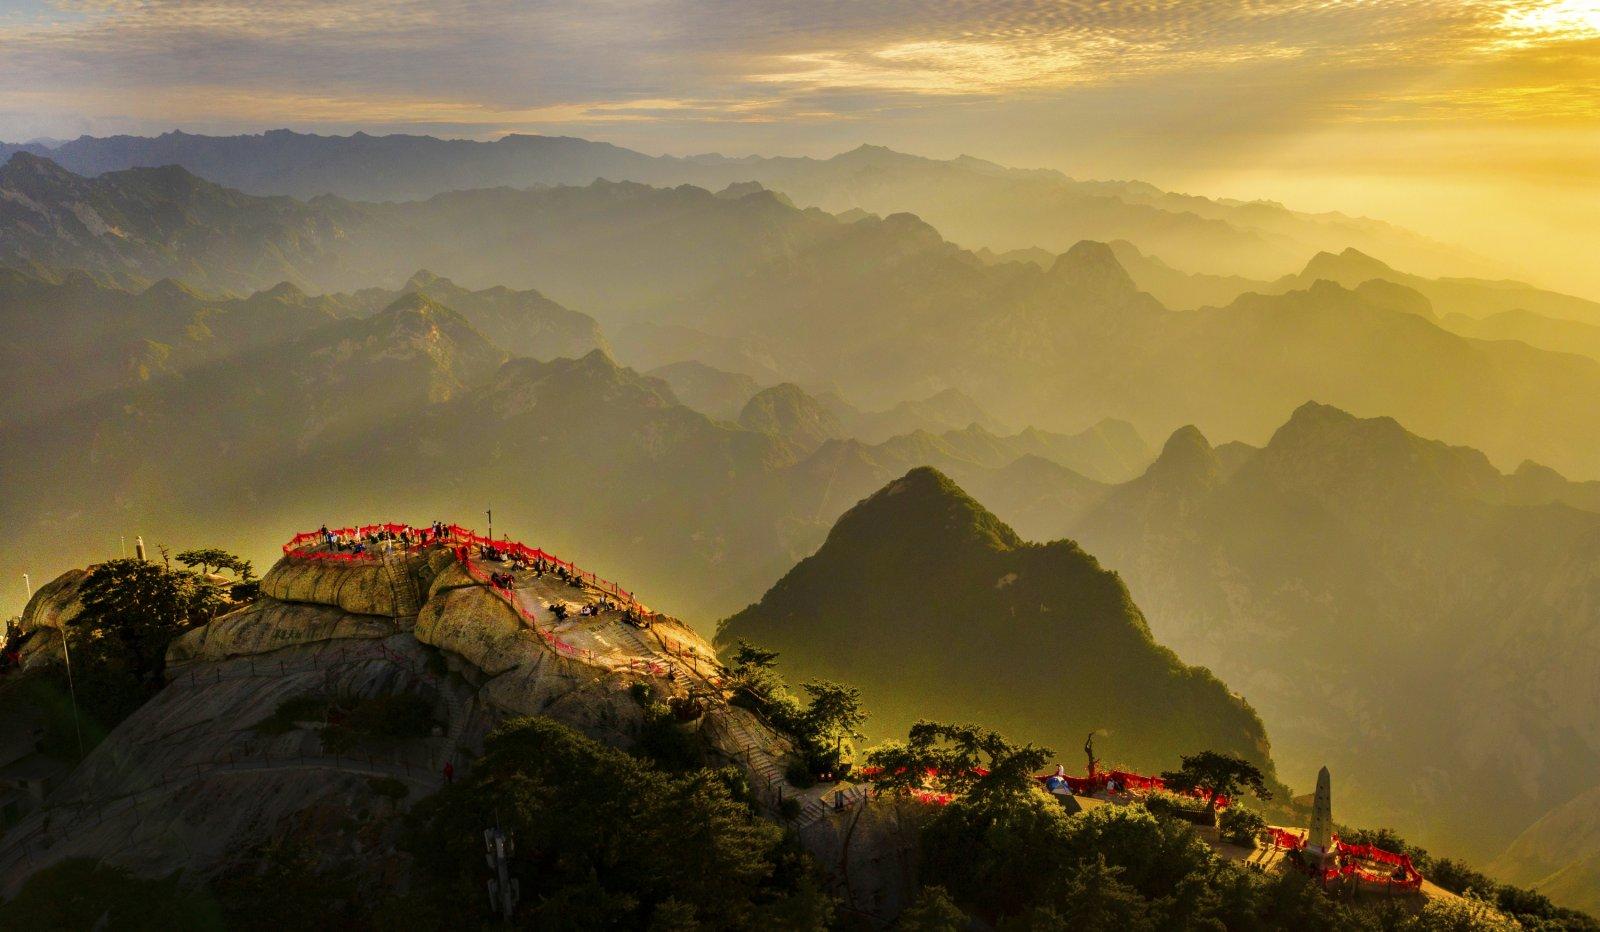 6月19日拍攝的晚霞映照下的華山西峰(無人機照片)。(新華社)